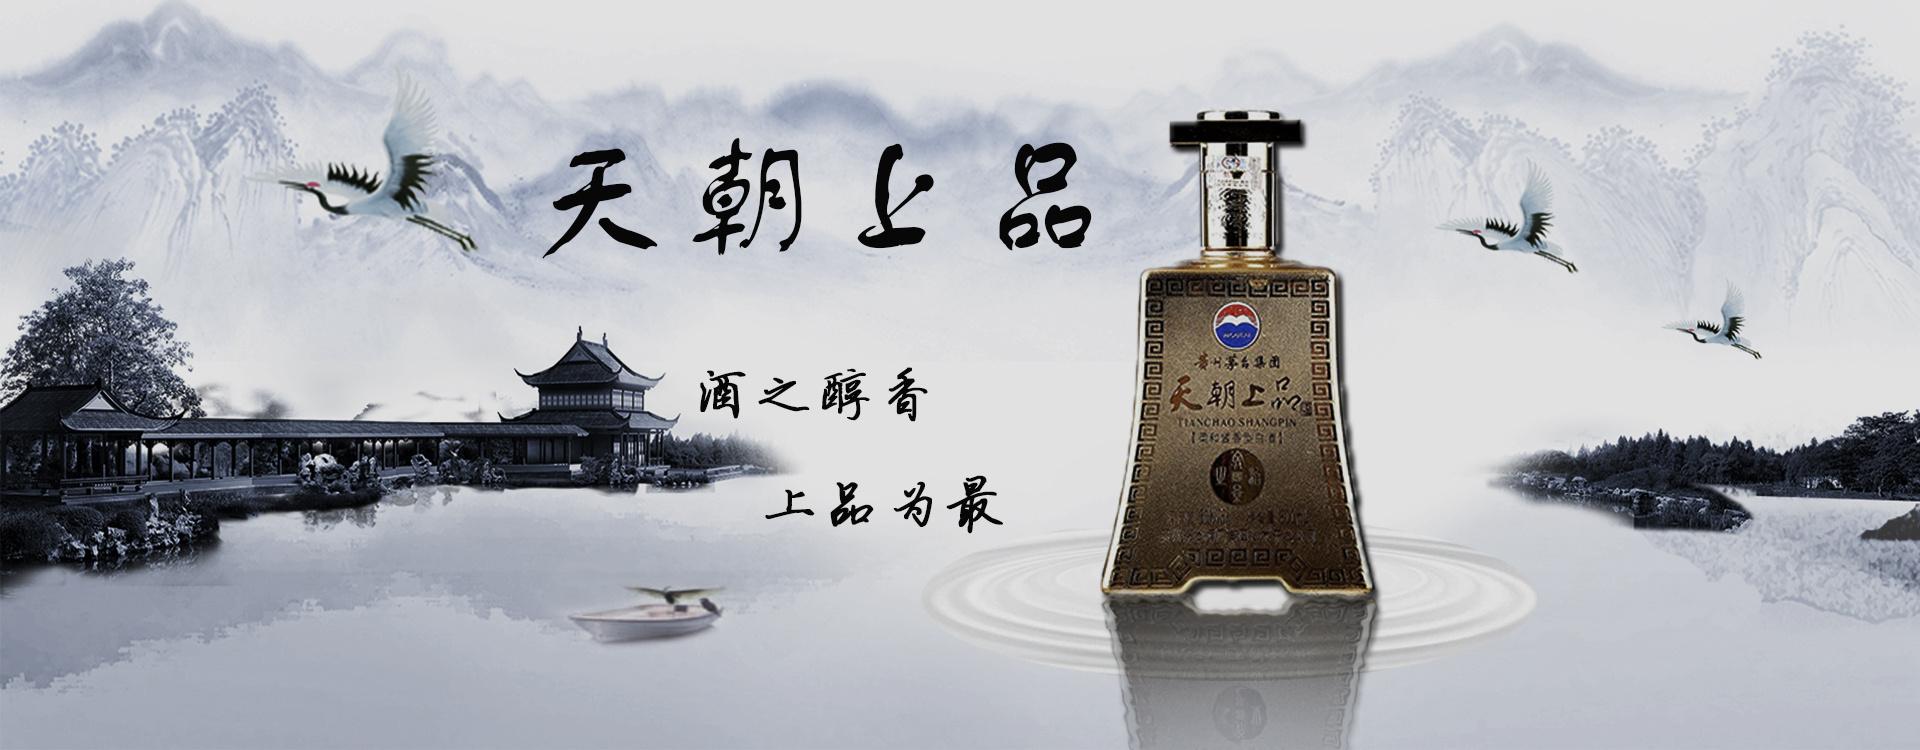 愹i�9i�9l#��m_酒|工业/产品|生活用品|夜狐愹 - 原创作品 - 站酷